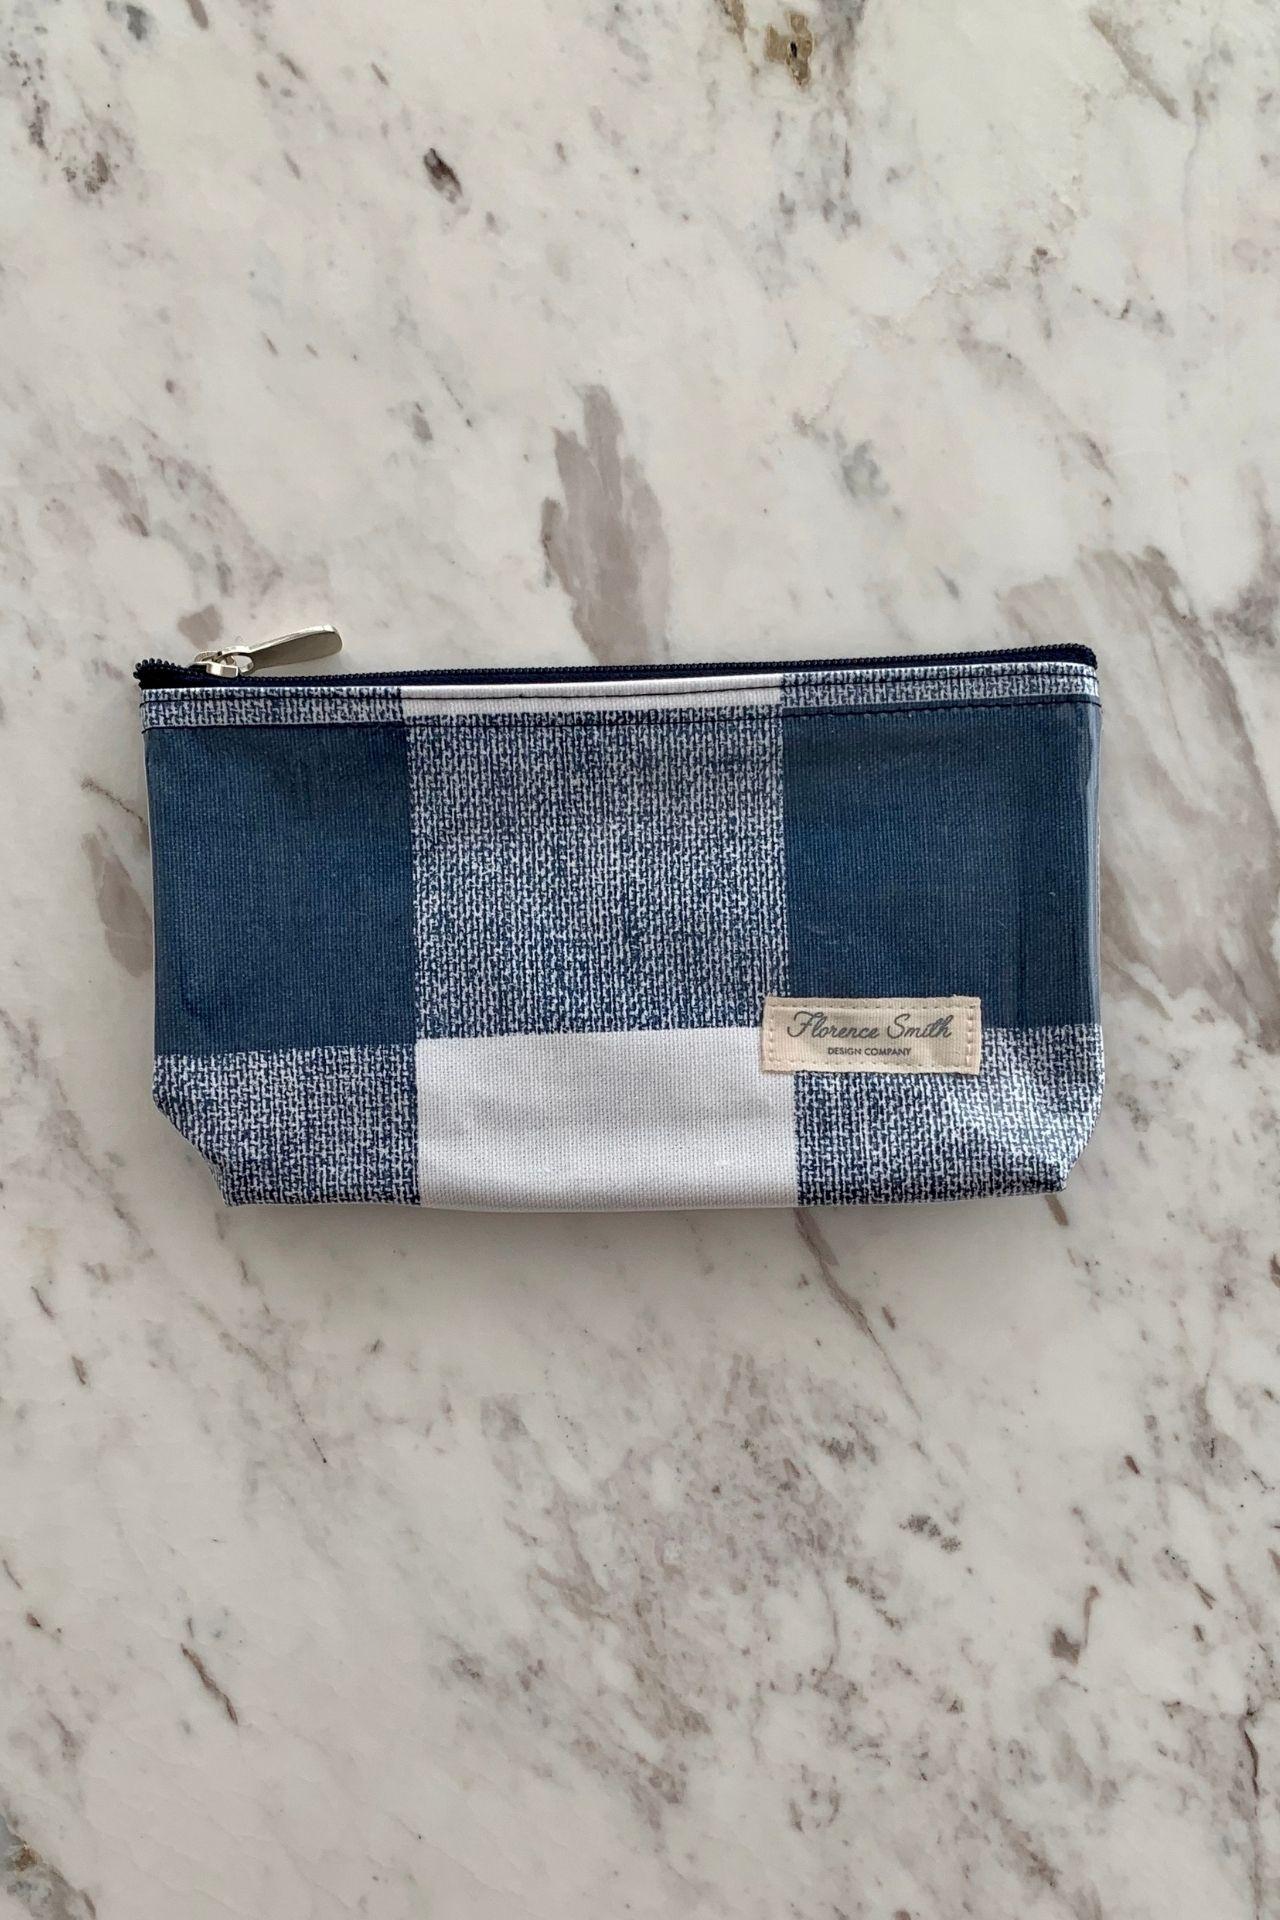 Medida:20 cm de ancho x 12 cm de alto. Plastificado por dentro y fuera, perfecto para la cartera. Cierre premium y jalador super resistente.